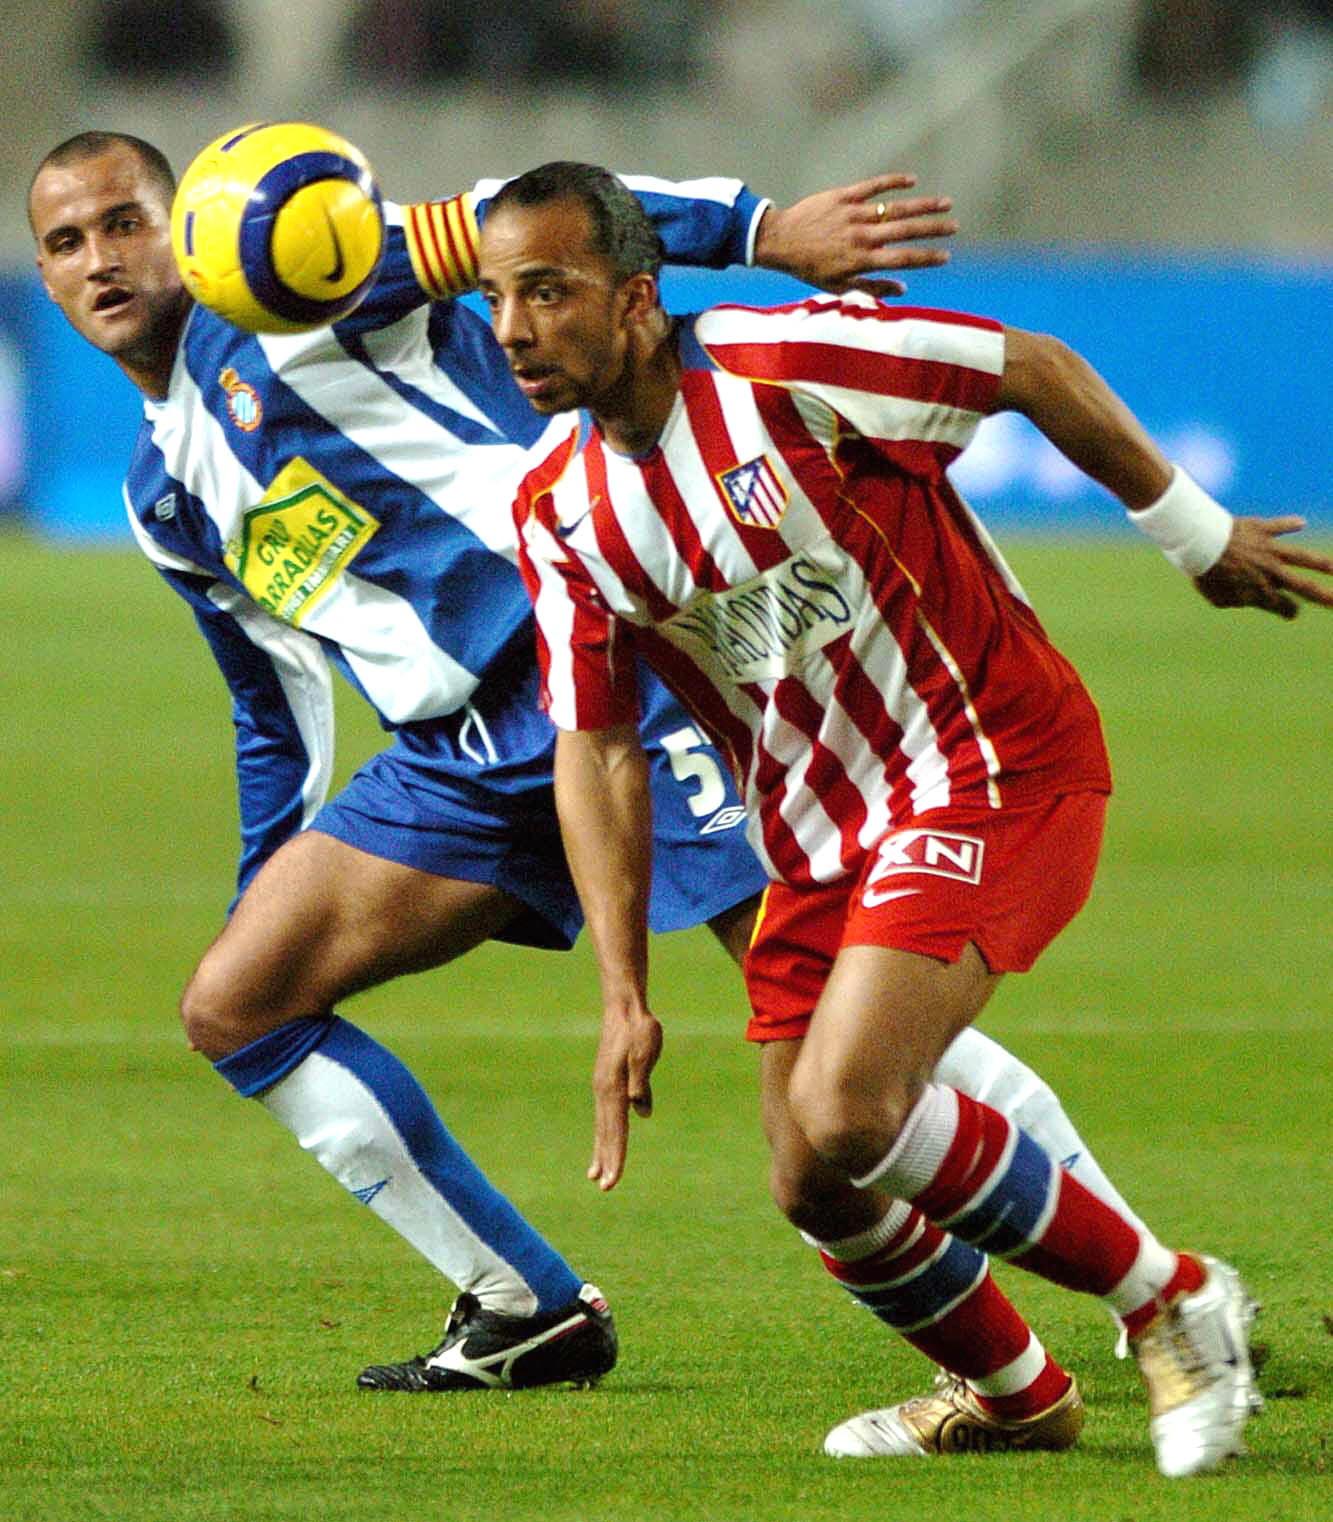 Luccin controla un balón en un Espanyol-Atleti de la Liga 2011/2012 (Archivo 20minutos).